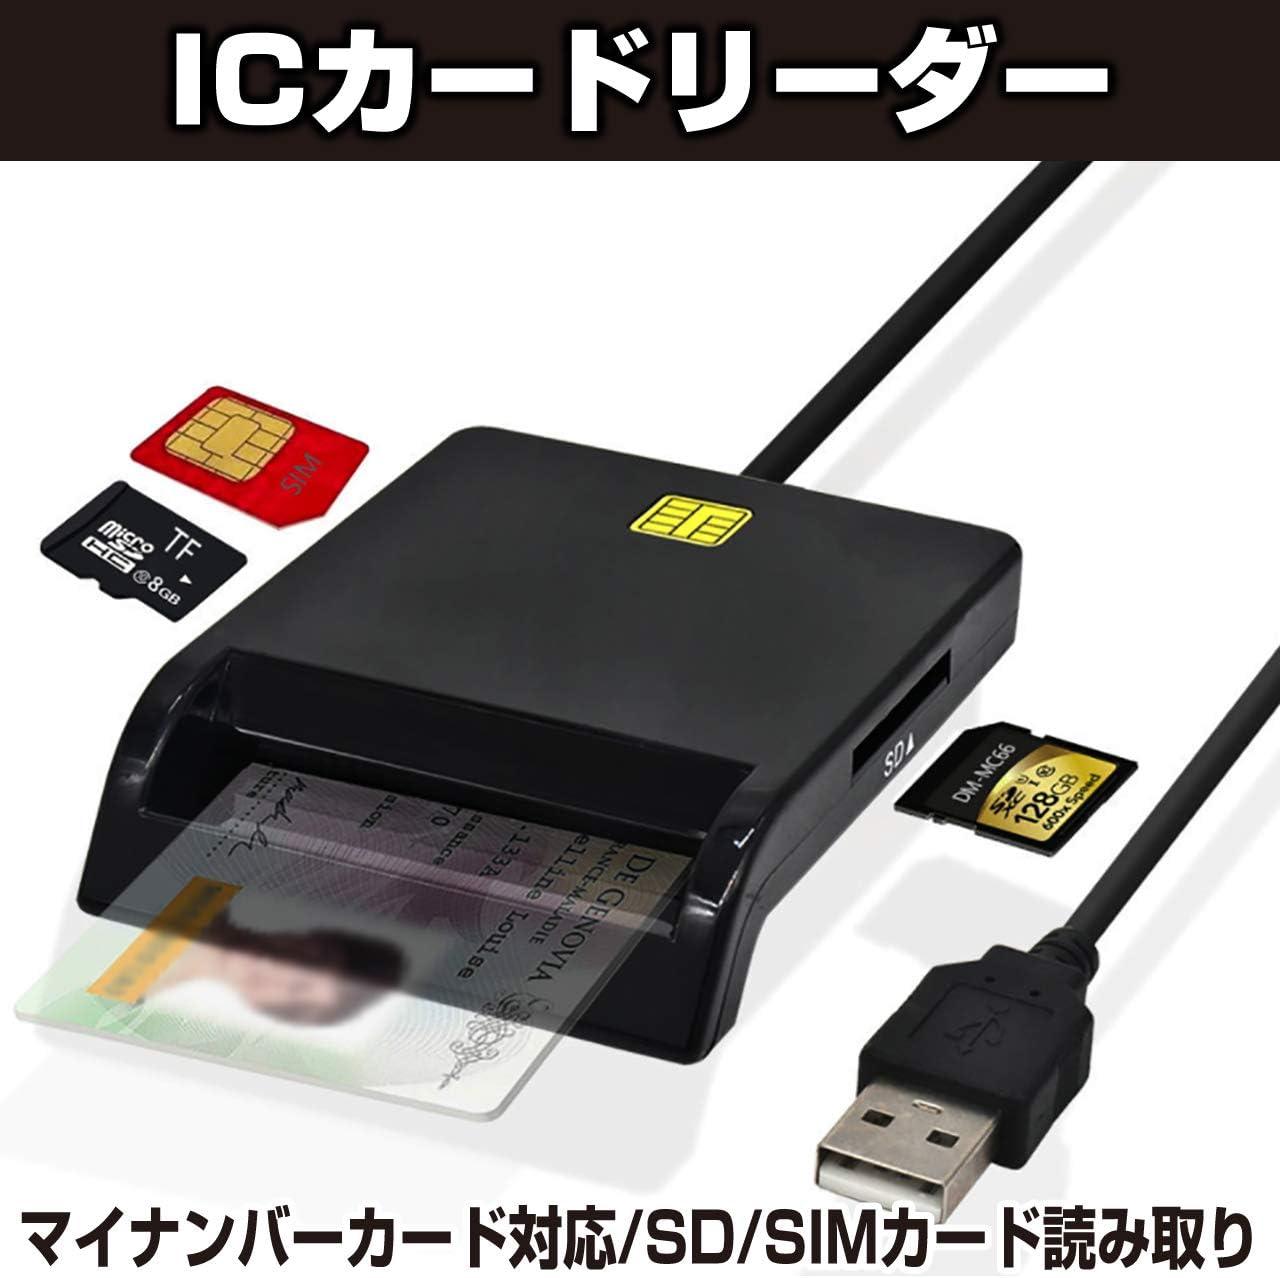 リーダ ic カード